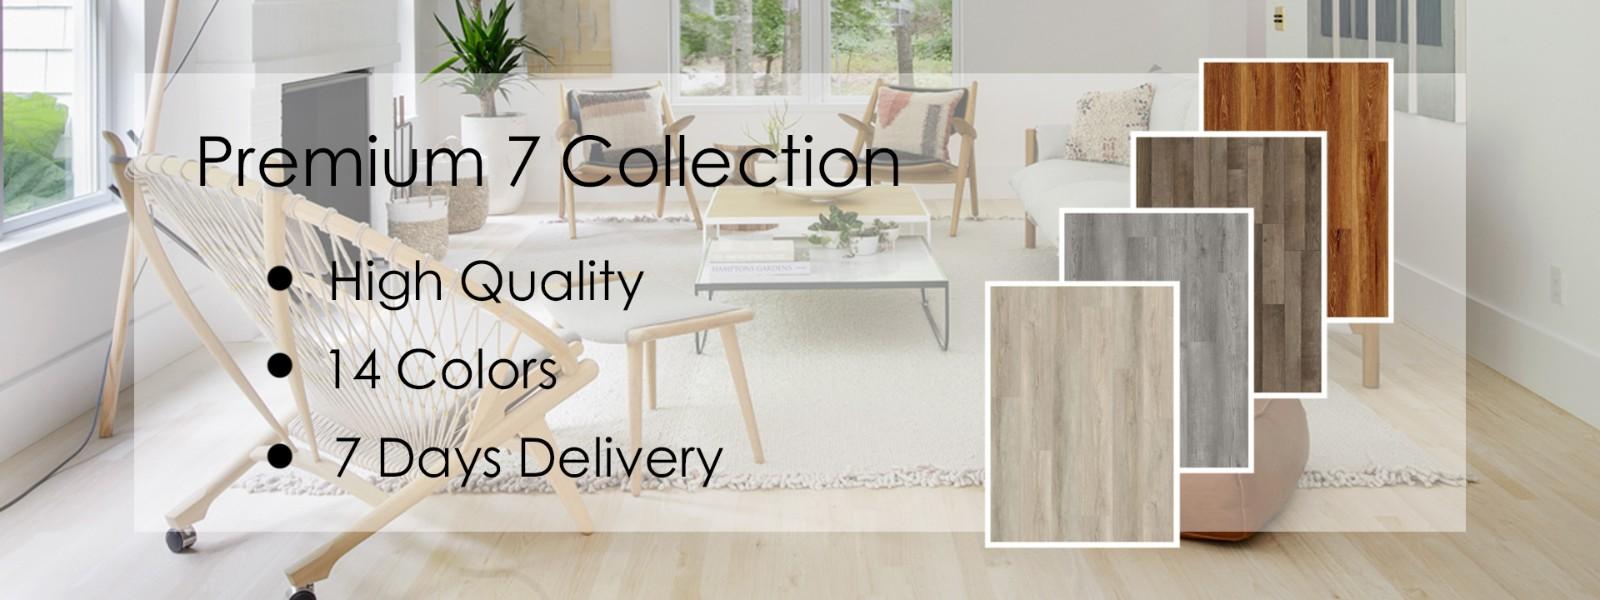 SPC Flooring Premium 7 Collection